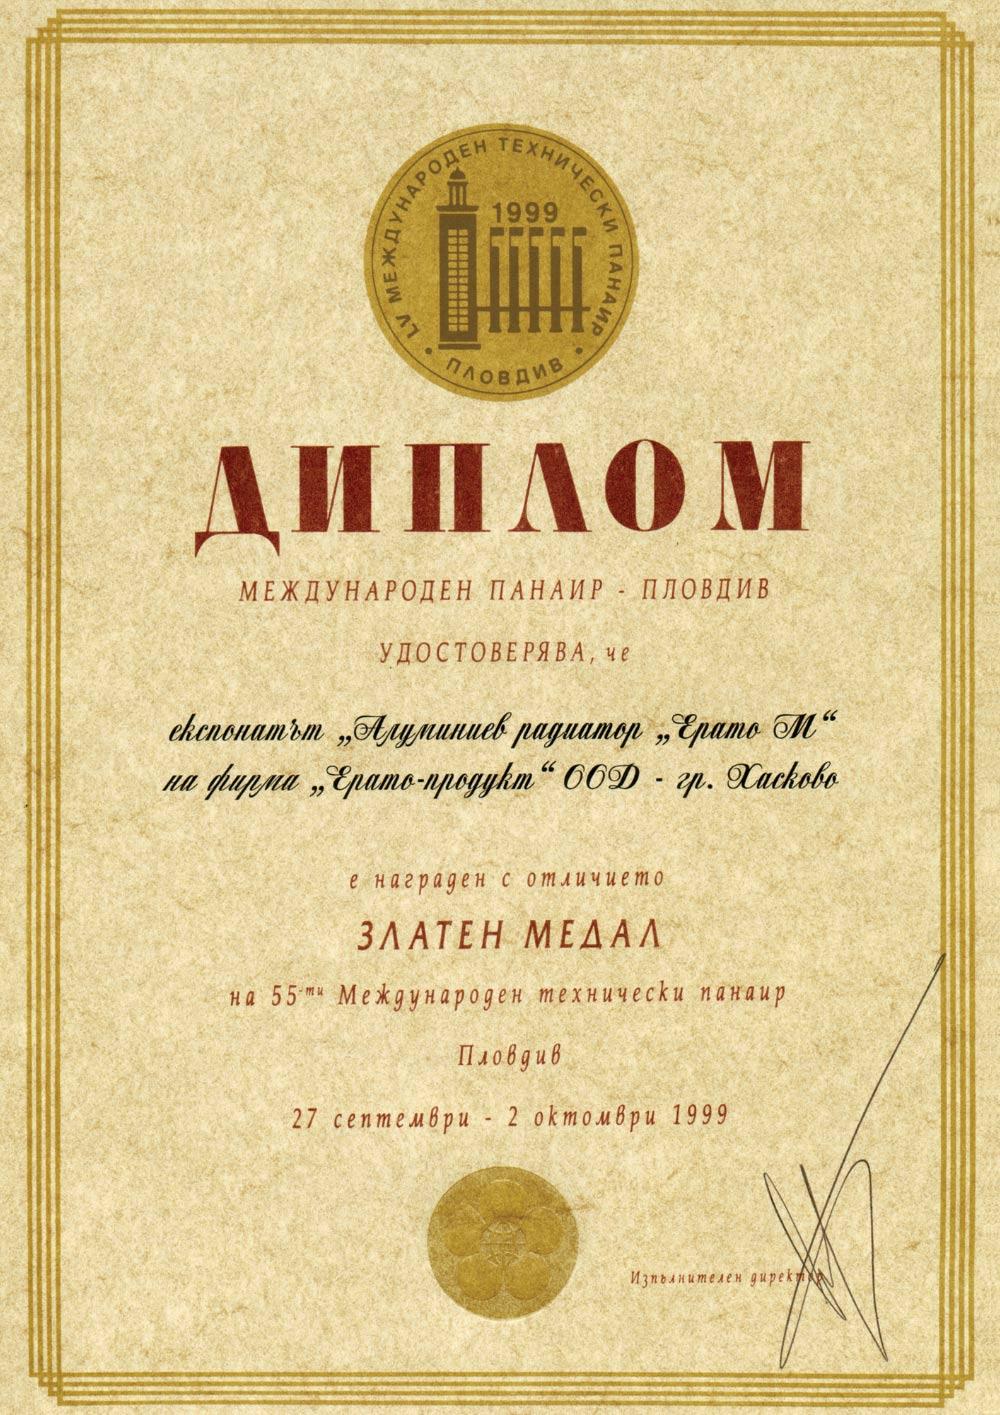 Диплом Международен панаир Пловдив Златен медал 1999